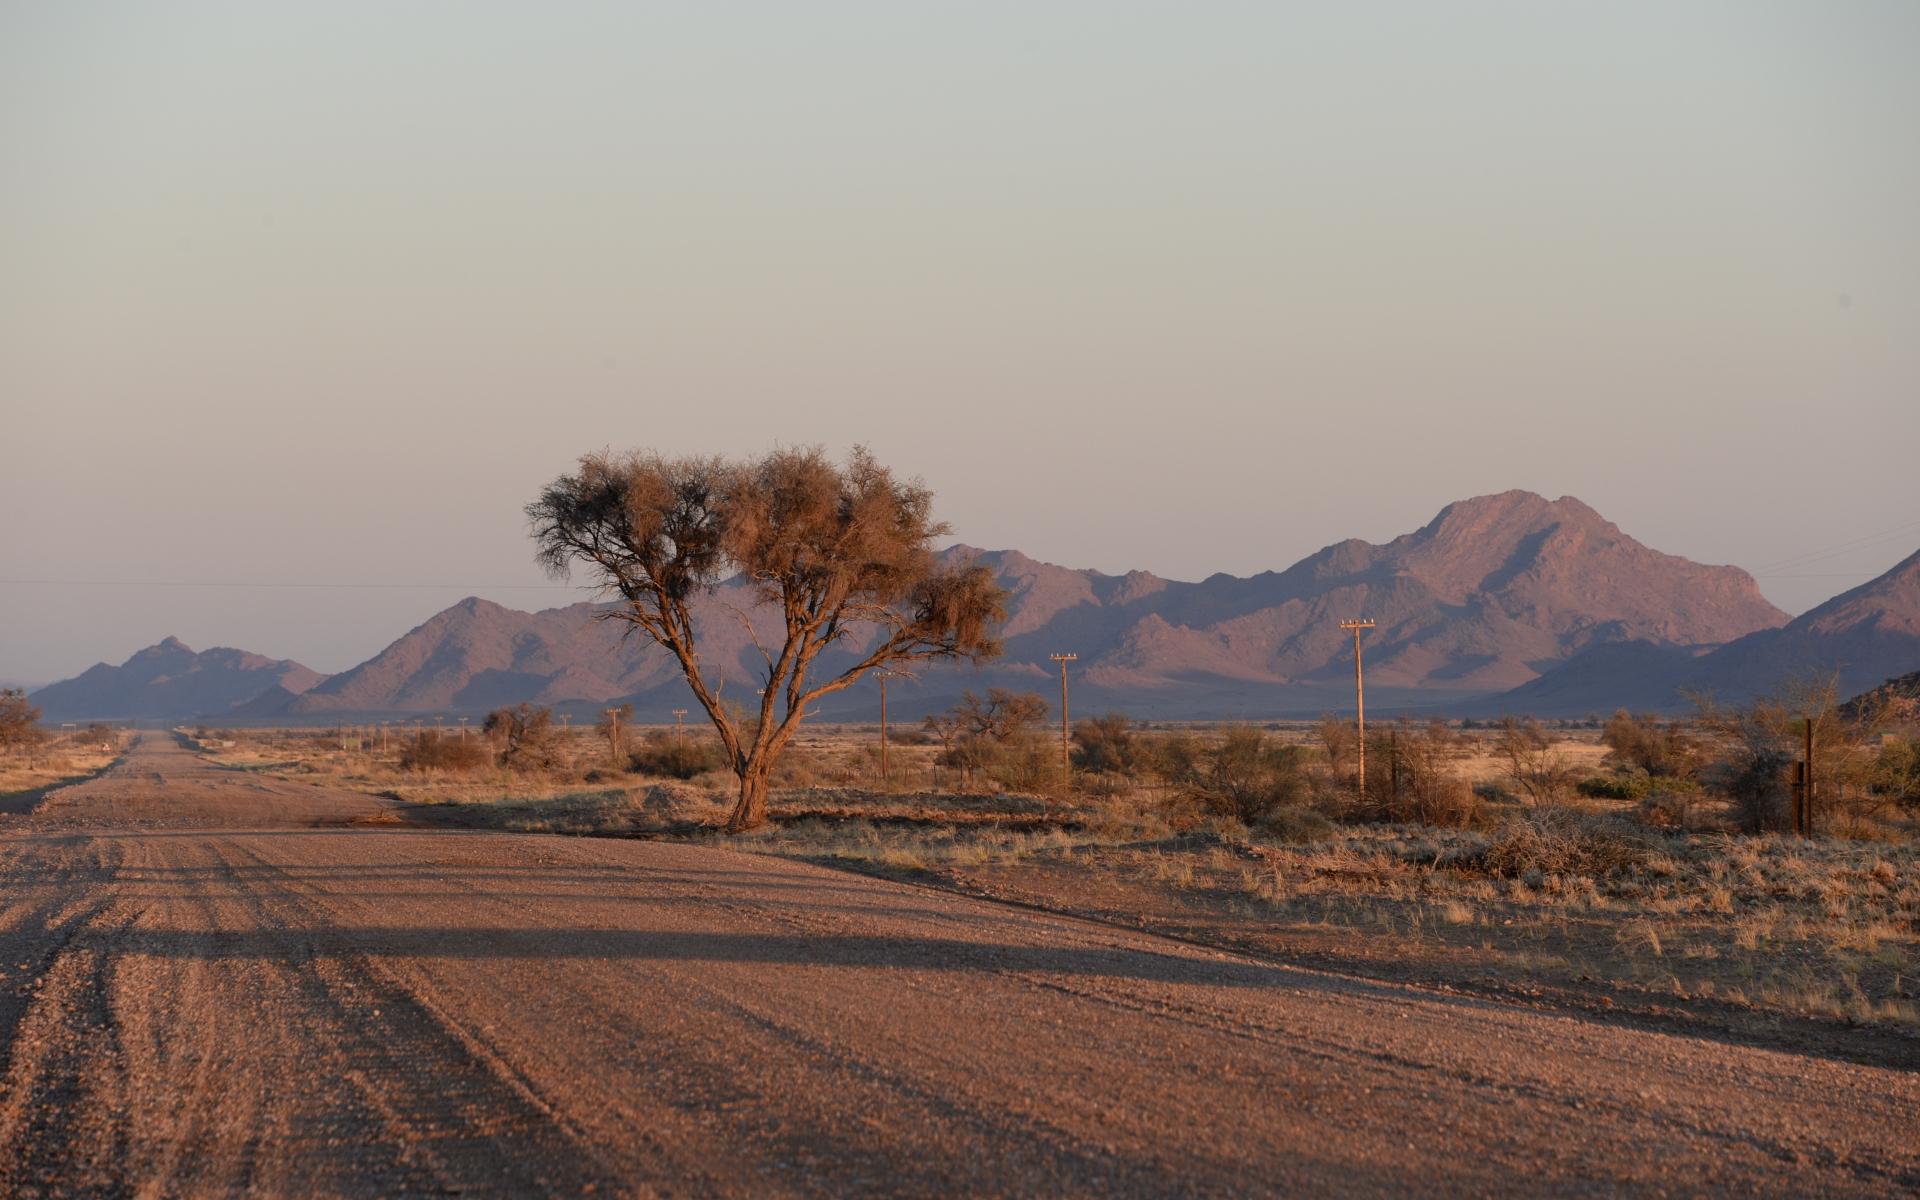 Namibia_Sossusvlei_Deadvlei_03